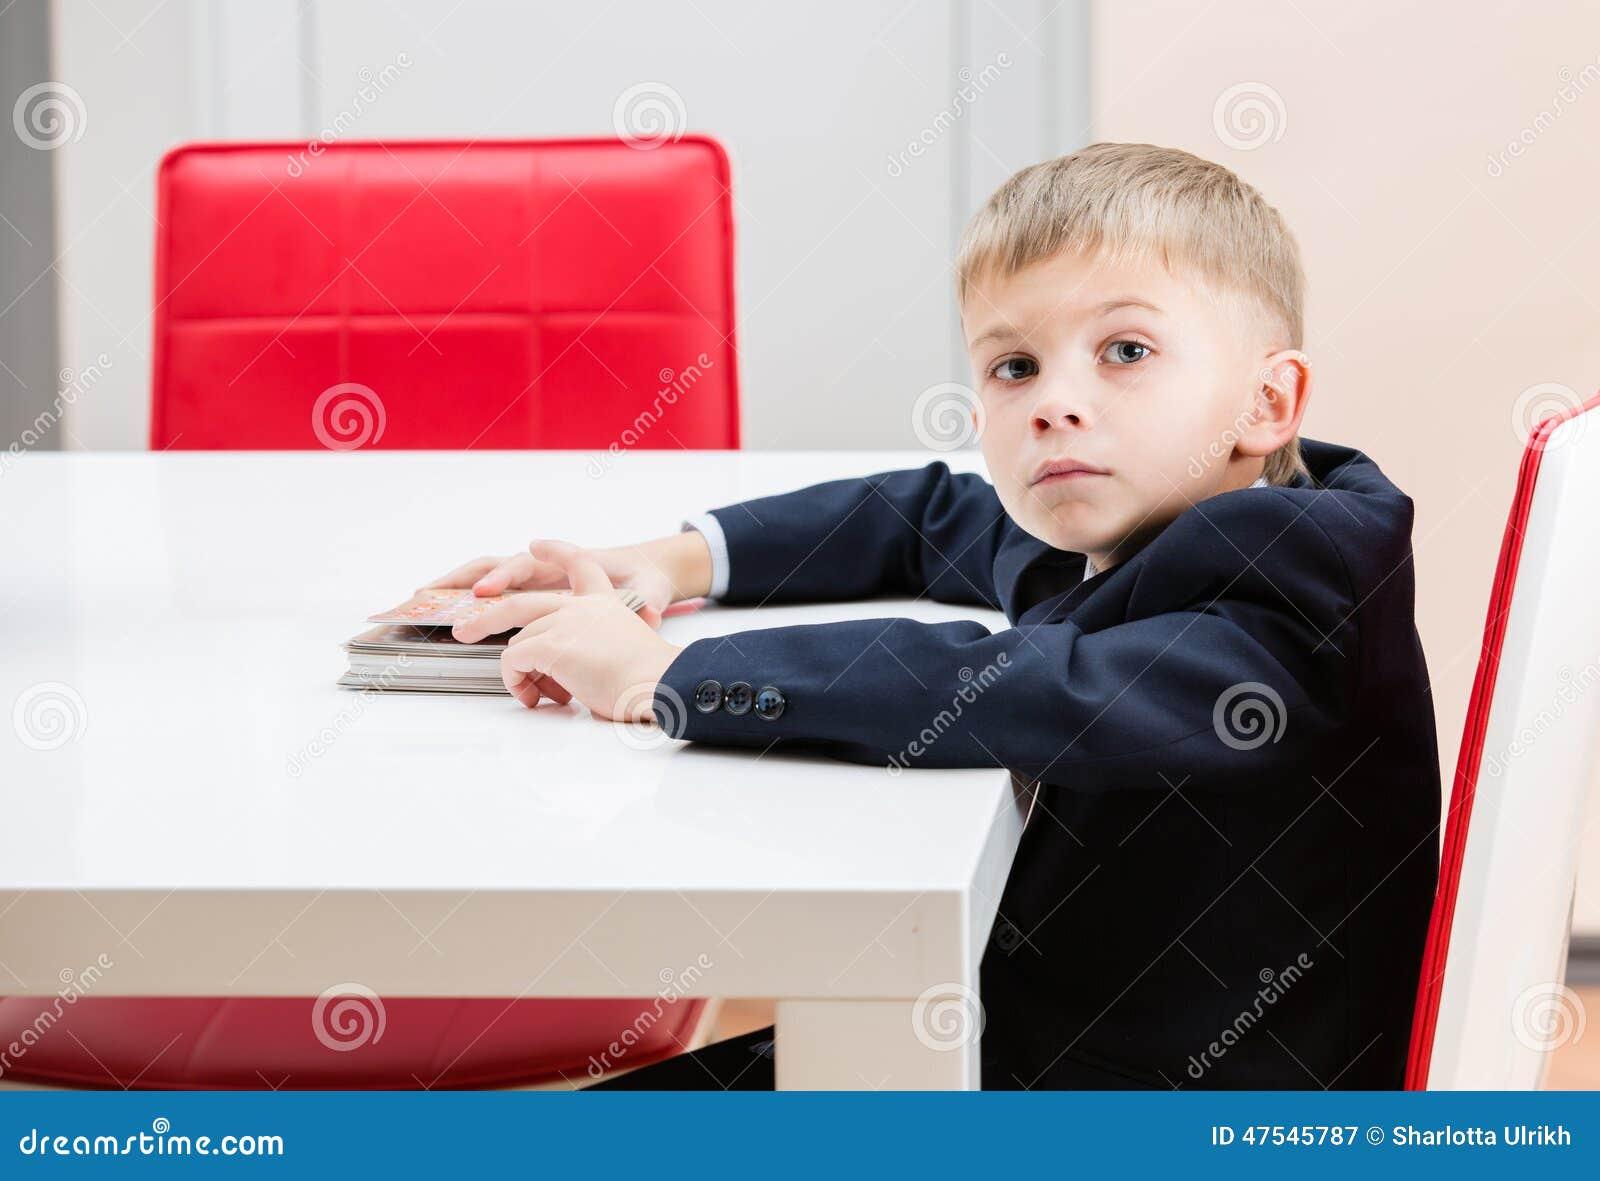 Le garçon à la table avec des photos de plate-forme